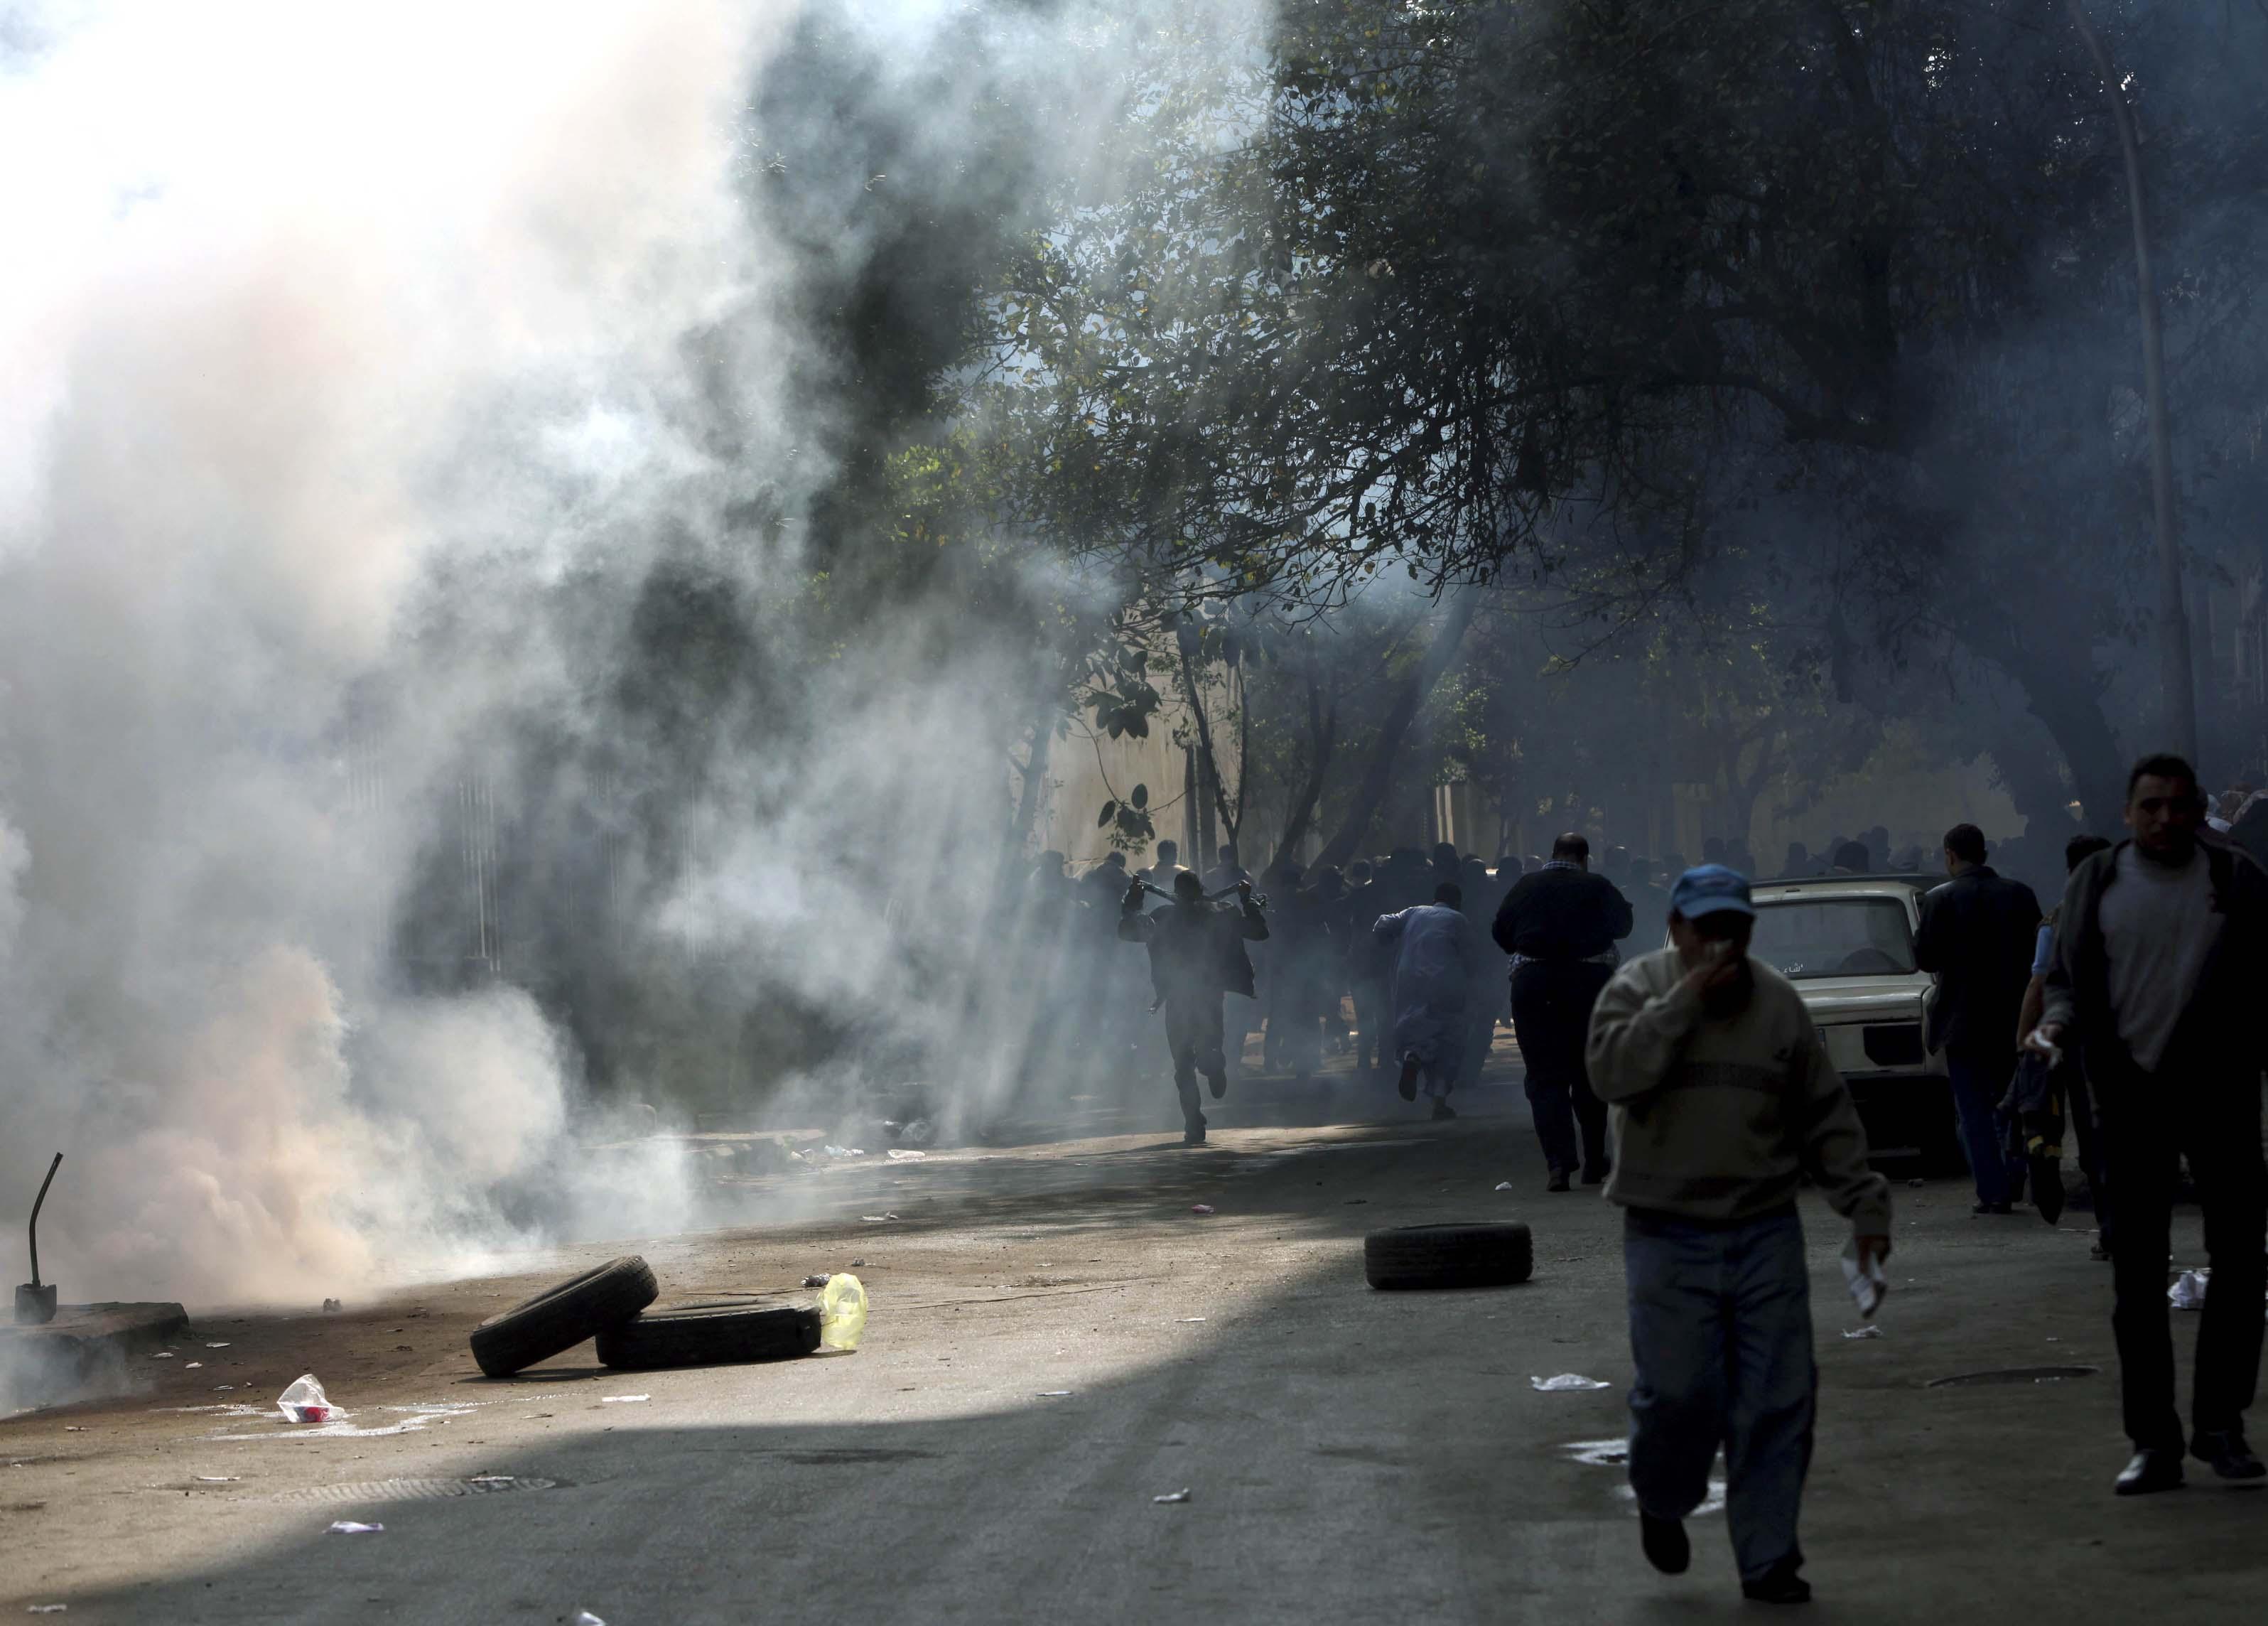 Φωτιές, δακρυγόνα και χάος στους δρόμους - ΦΩΤΟ EUROKINISSI